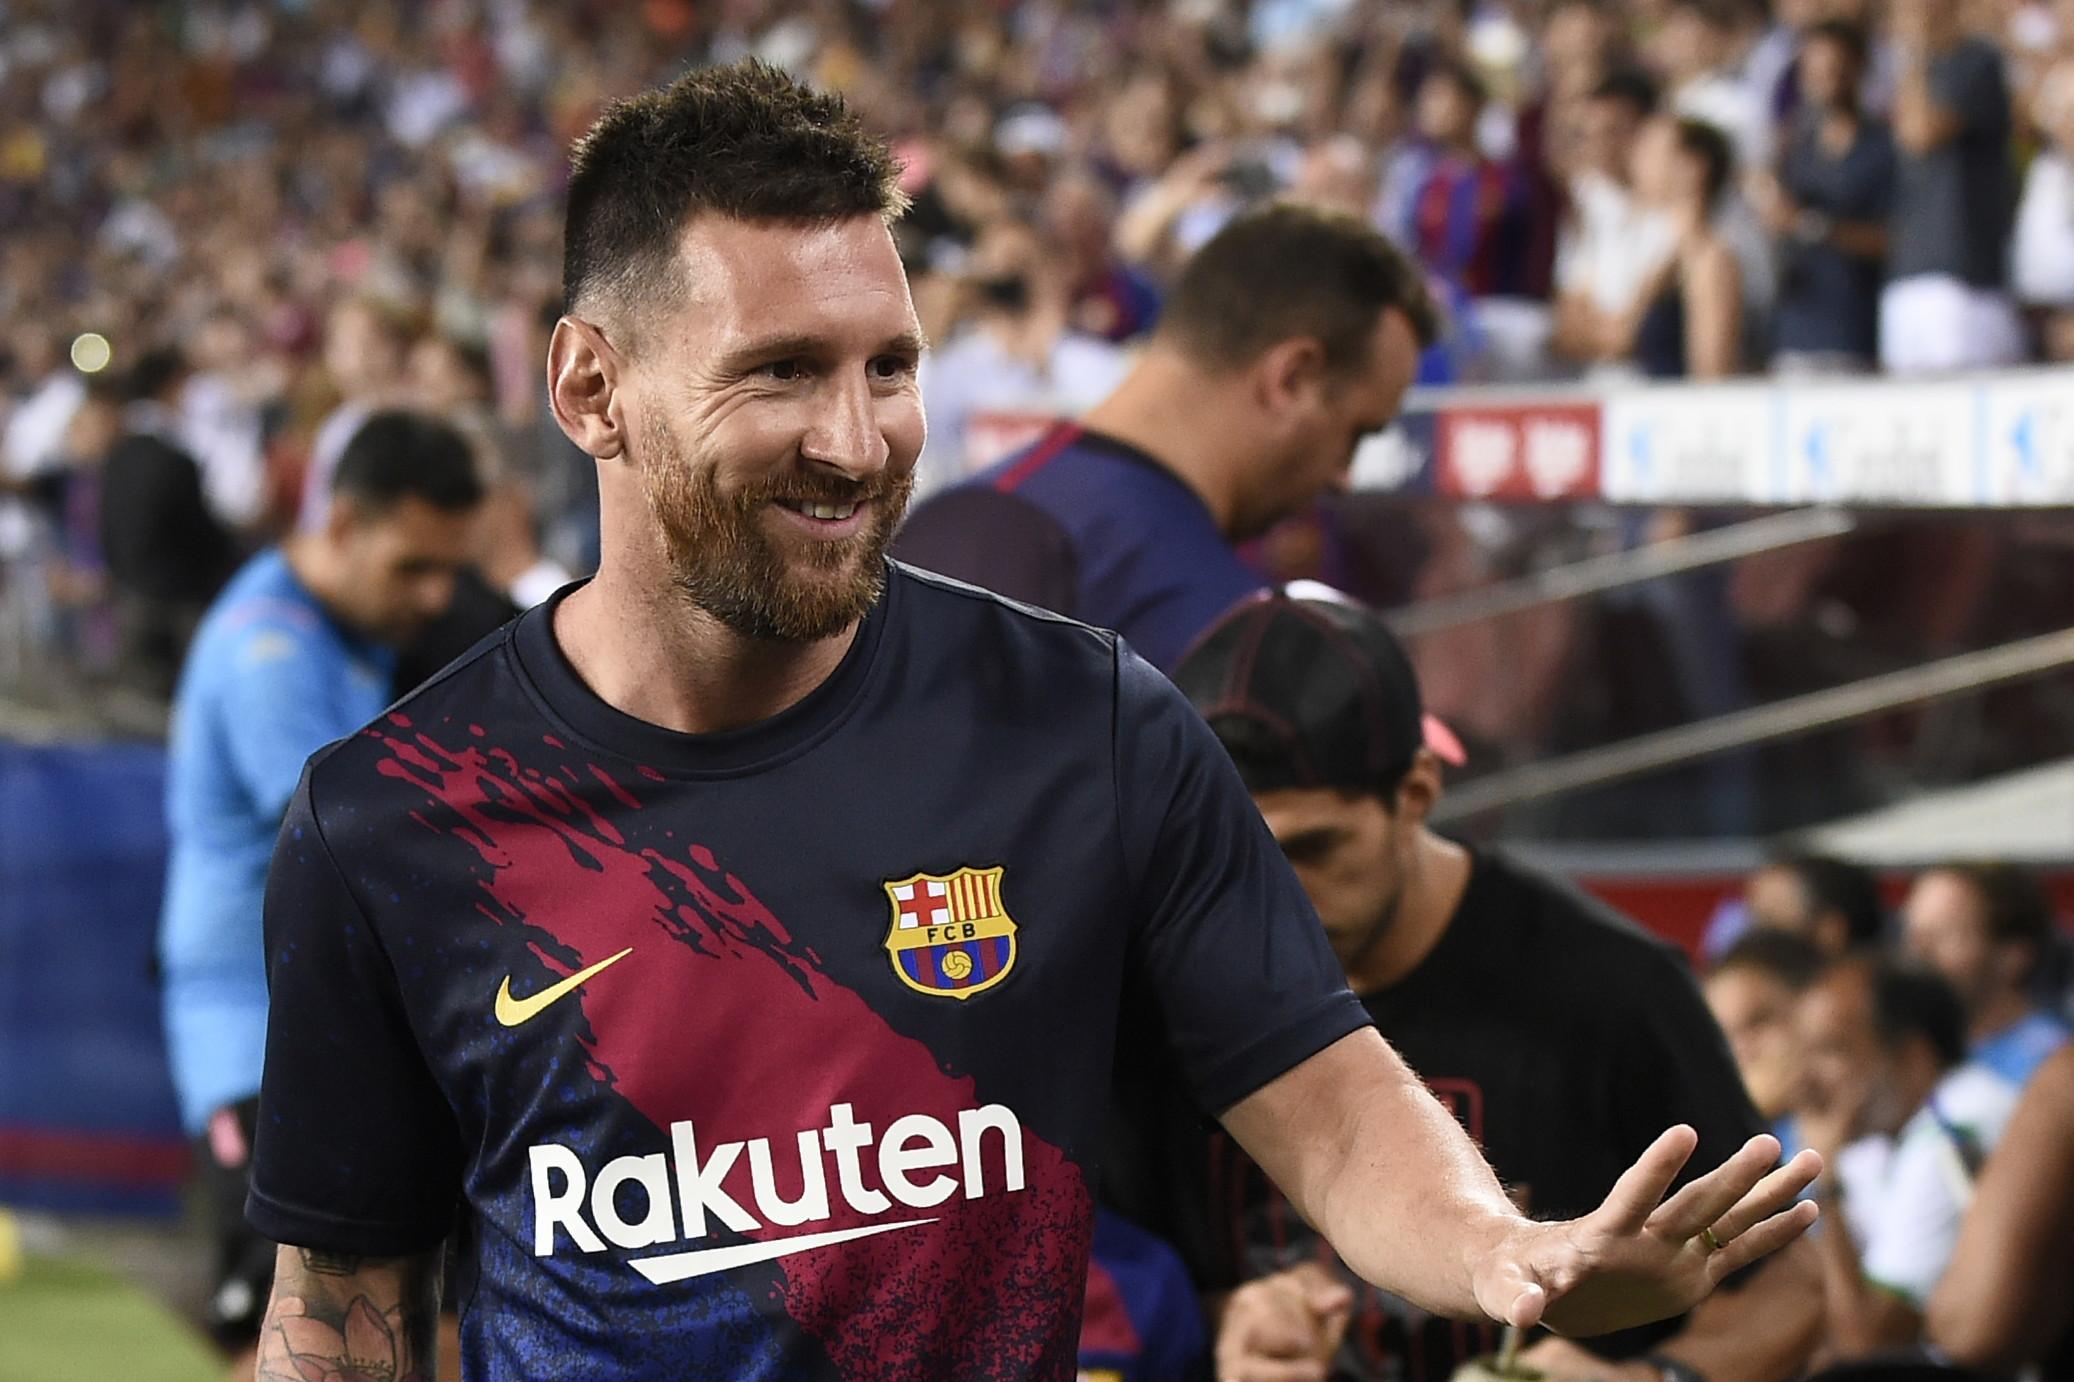 Leo Messi, attaccante del Barcellona: infortunio al piede, rientro incerto